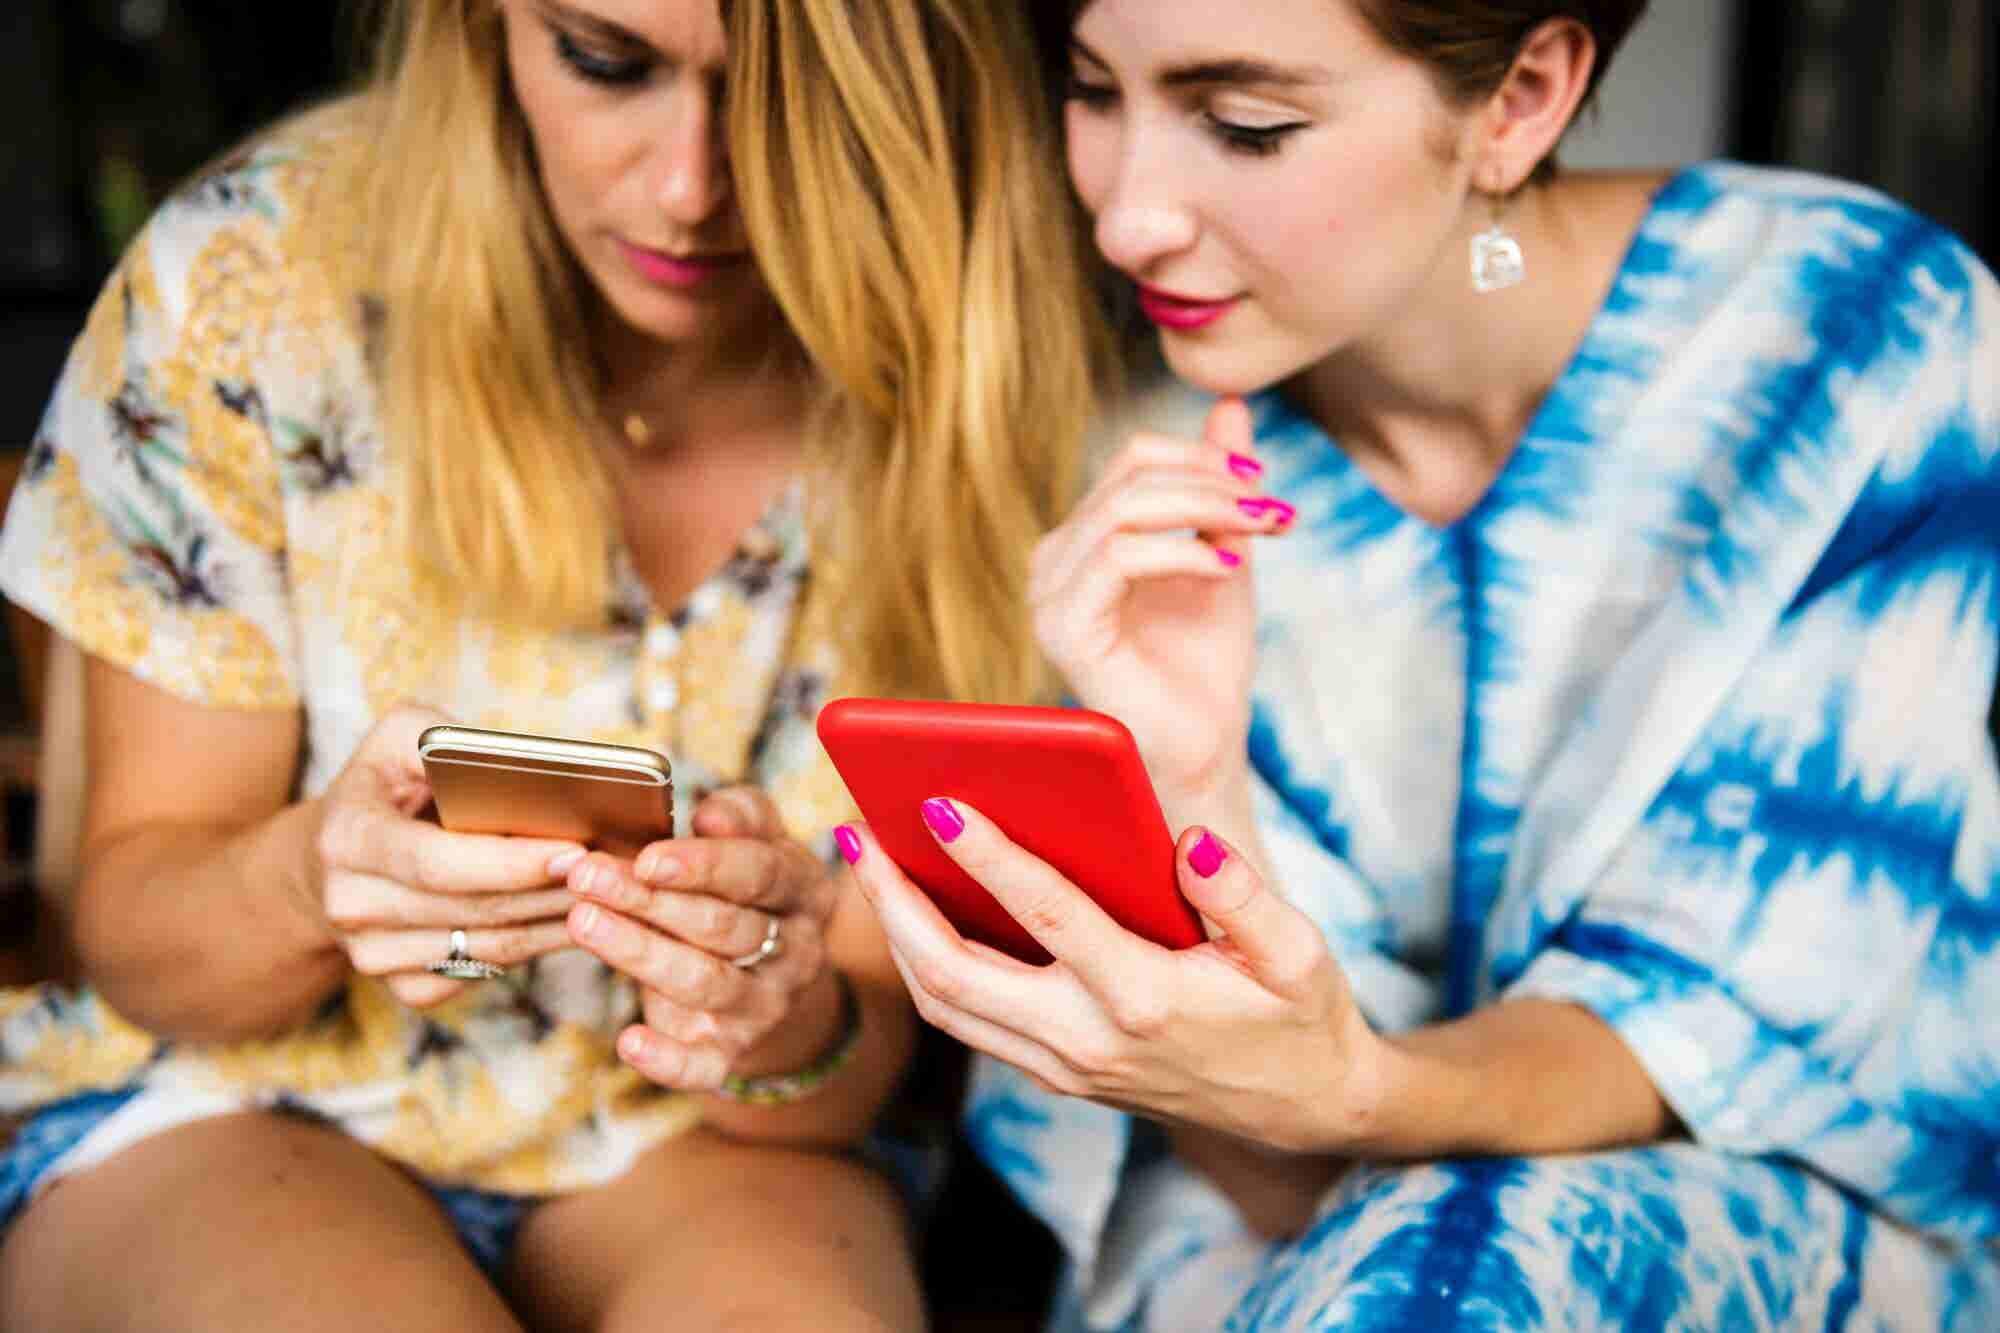 Los millennials no son '煤nicos e irrepetibles', simplemente son m谩s pobres